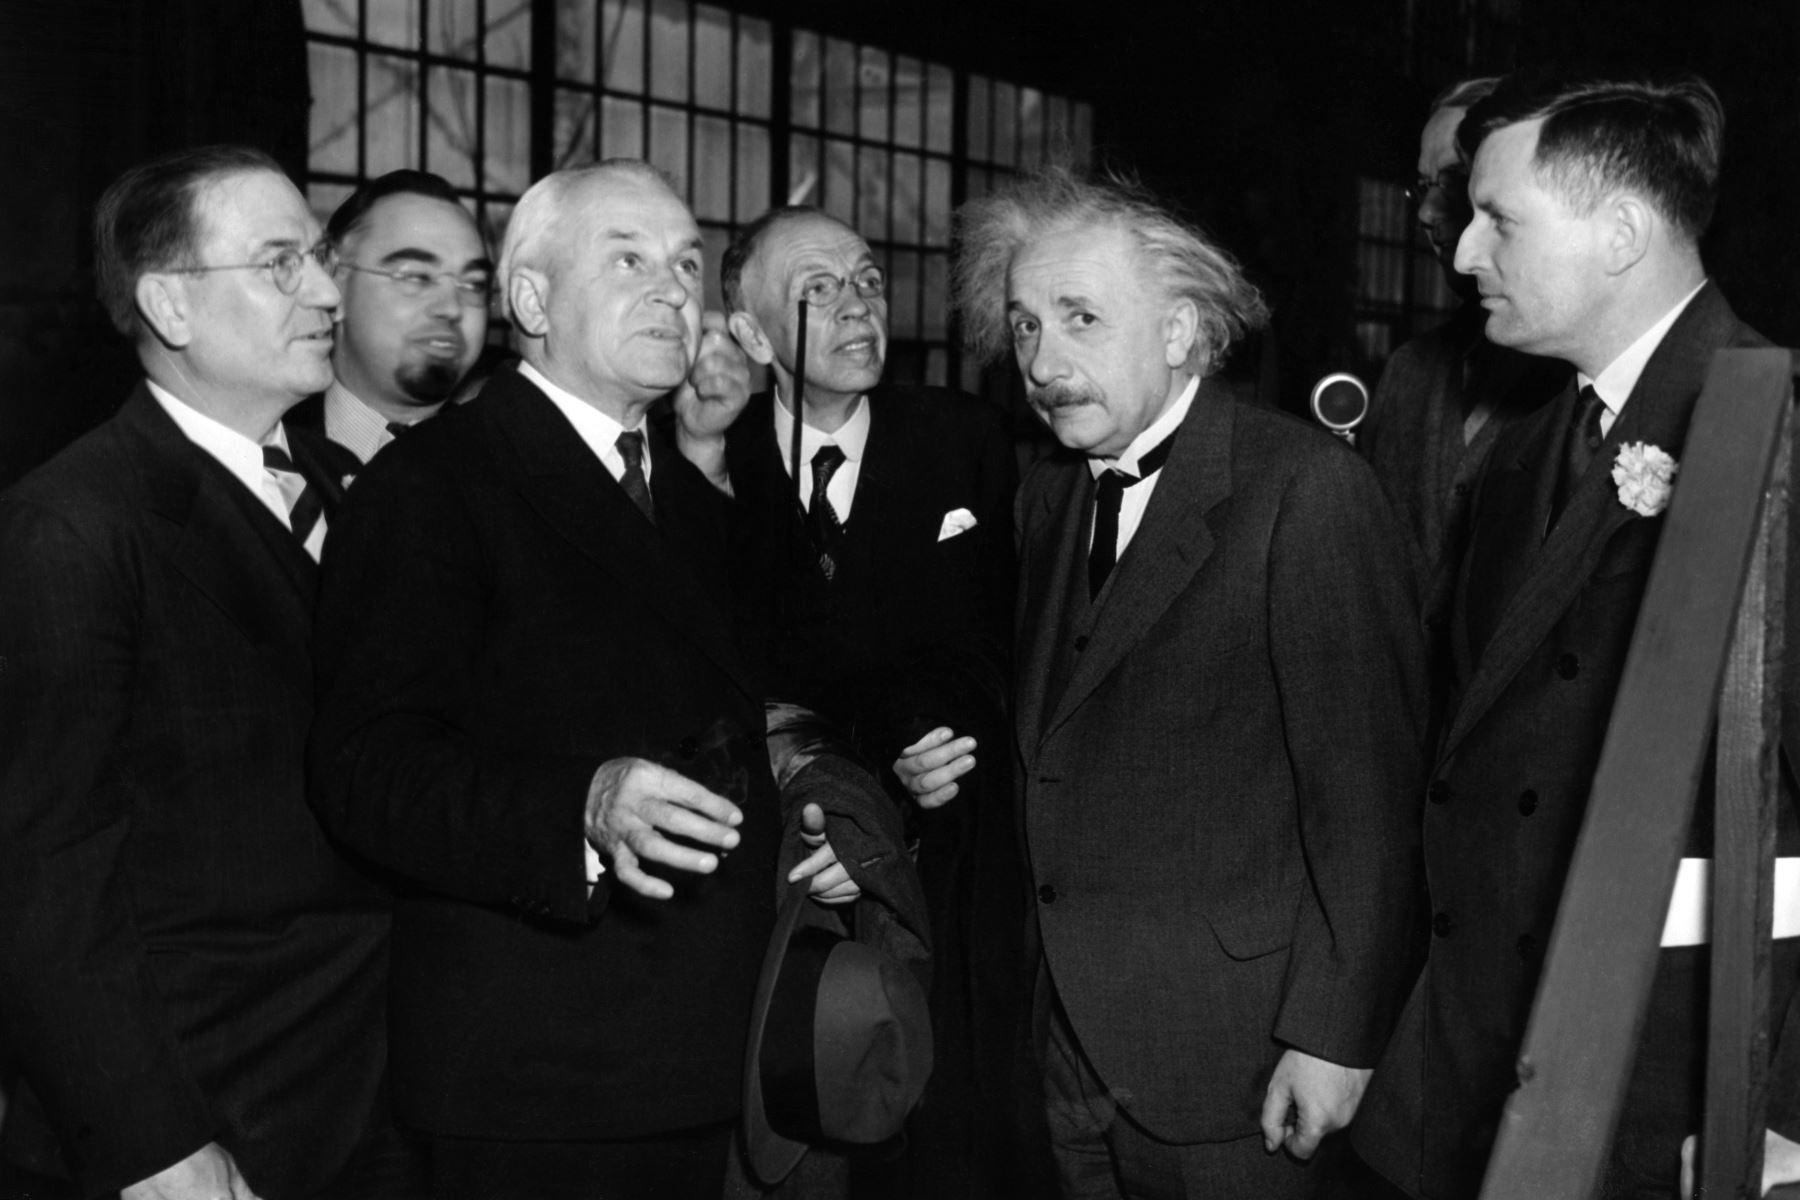 El físico Albert Einstein, inaugura el telescopio más grande del mundo el 30 de abril de 1937. Foto: AFP